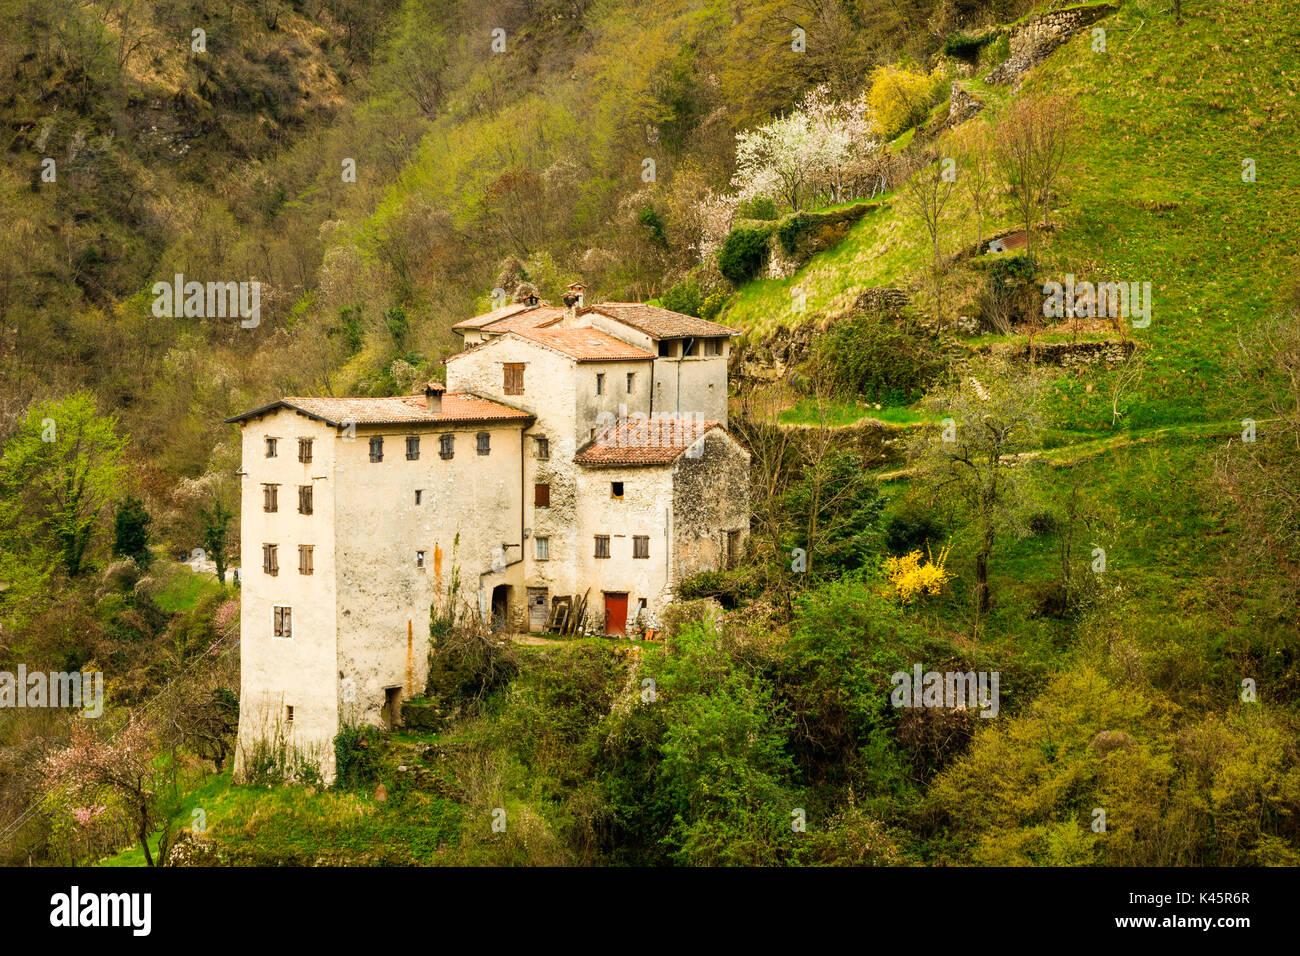 Casas de piedra, Contrada Giaconi, Val Frenzela, Valstagna, Provincia de Vicenza, Veneto, Italia. Las viviendas rurales en el lado de la montaña. Imagen De Stock